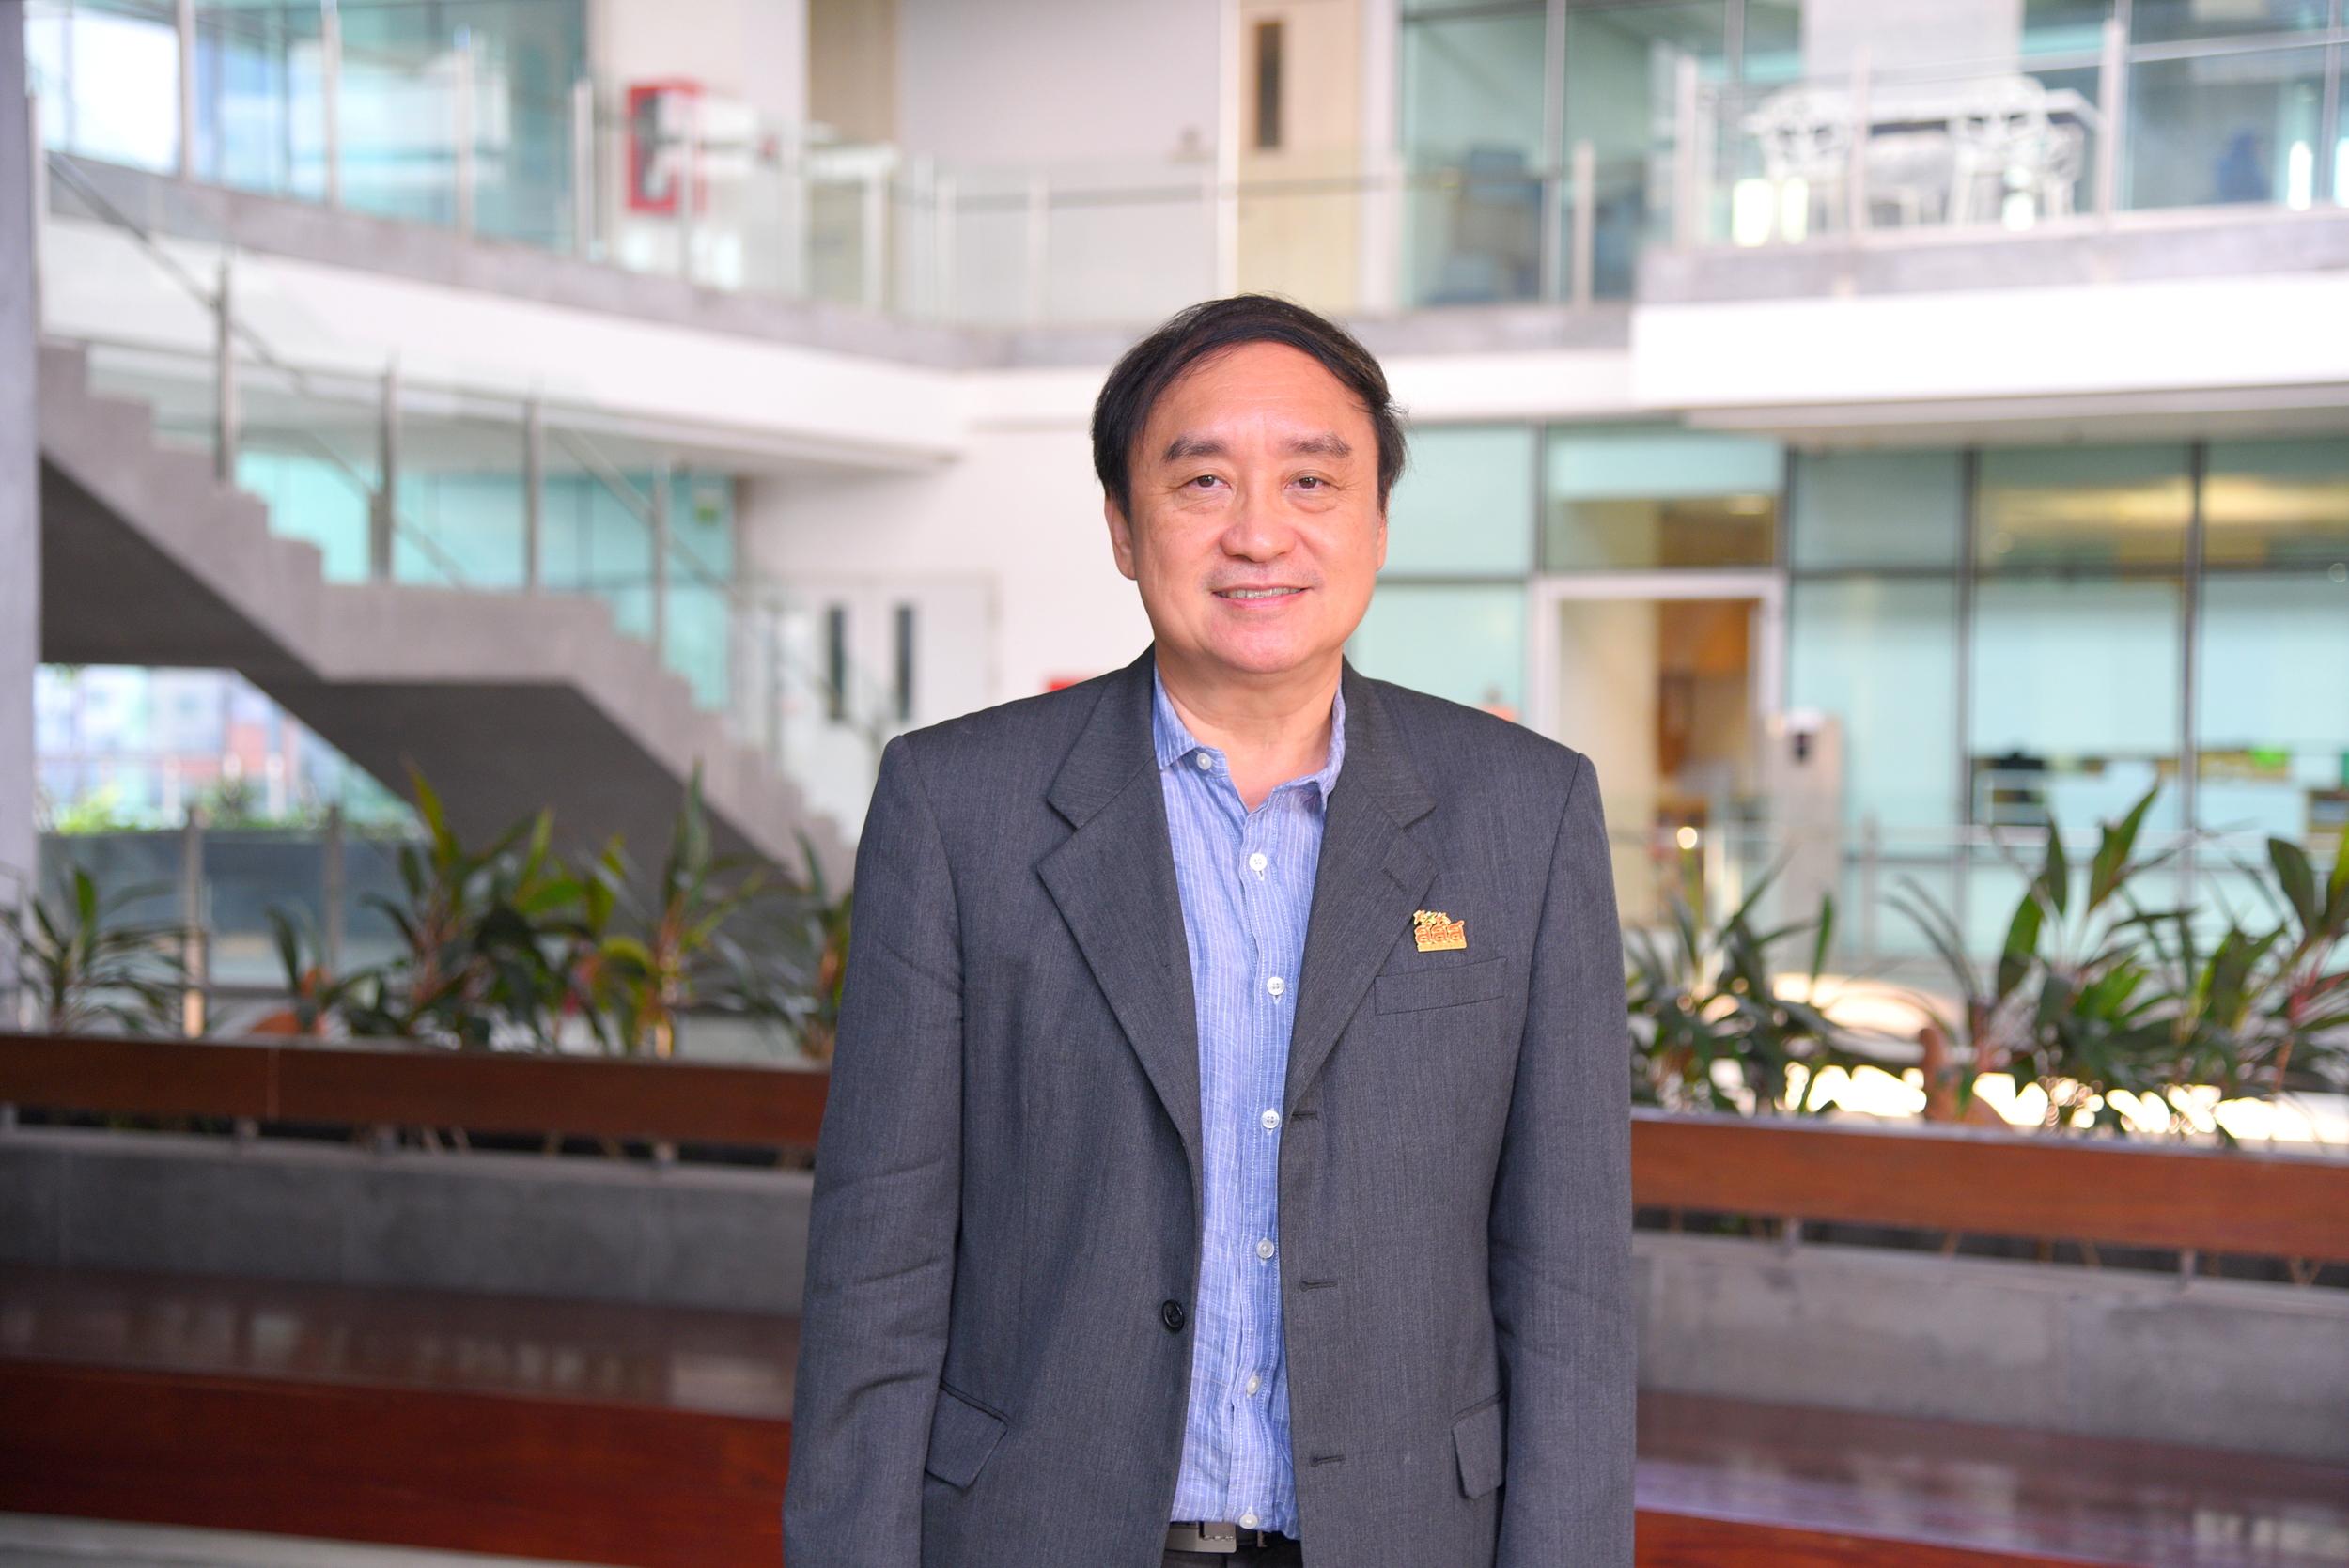 เปิดรายงานระดับโลก หนุนใช้ภาษีบุหรี่-เหล้า-น้ำตาล เพื่อสุขภาพประชาชน thaihealth